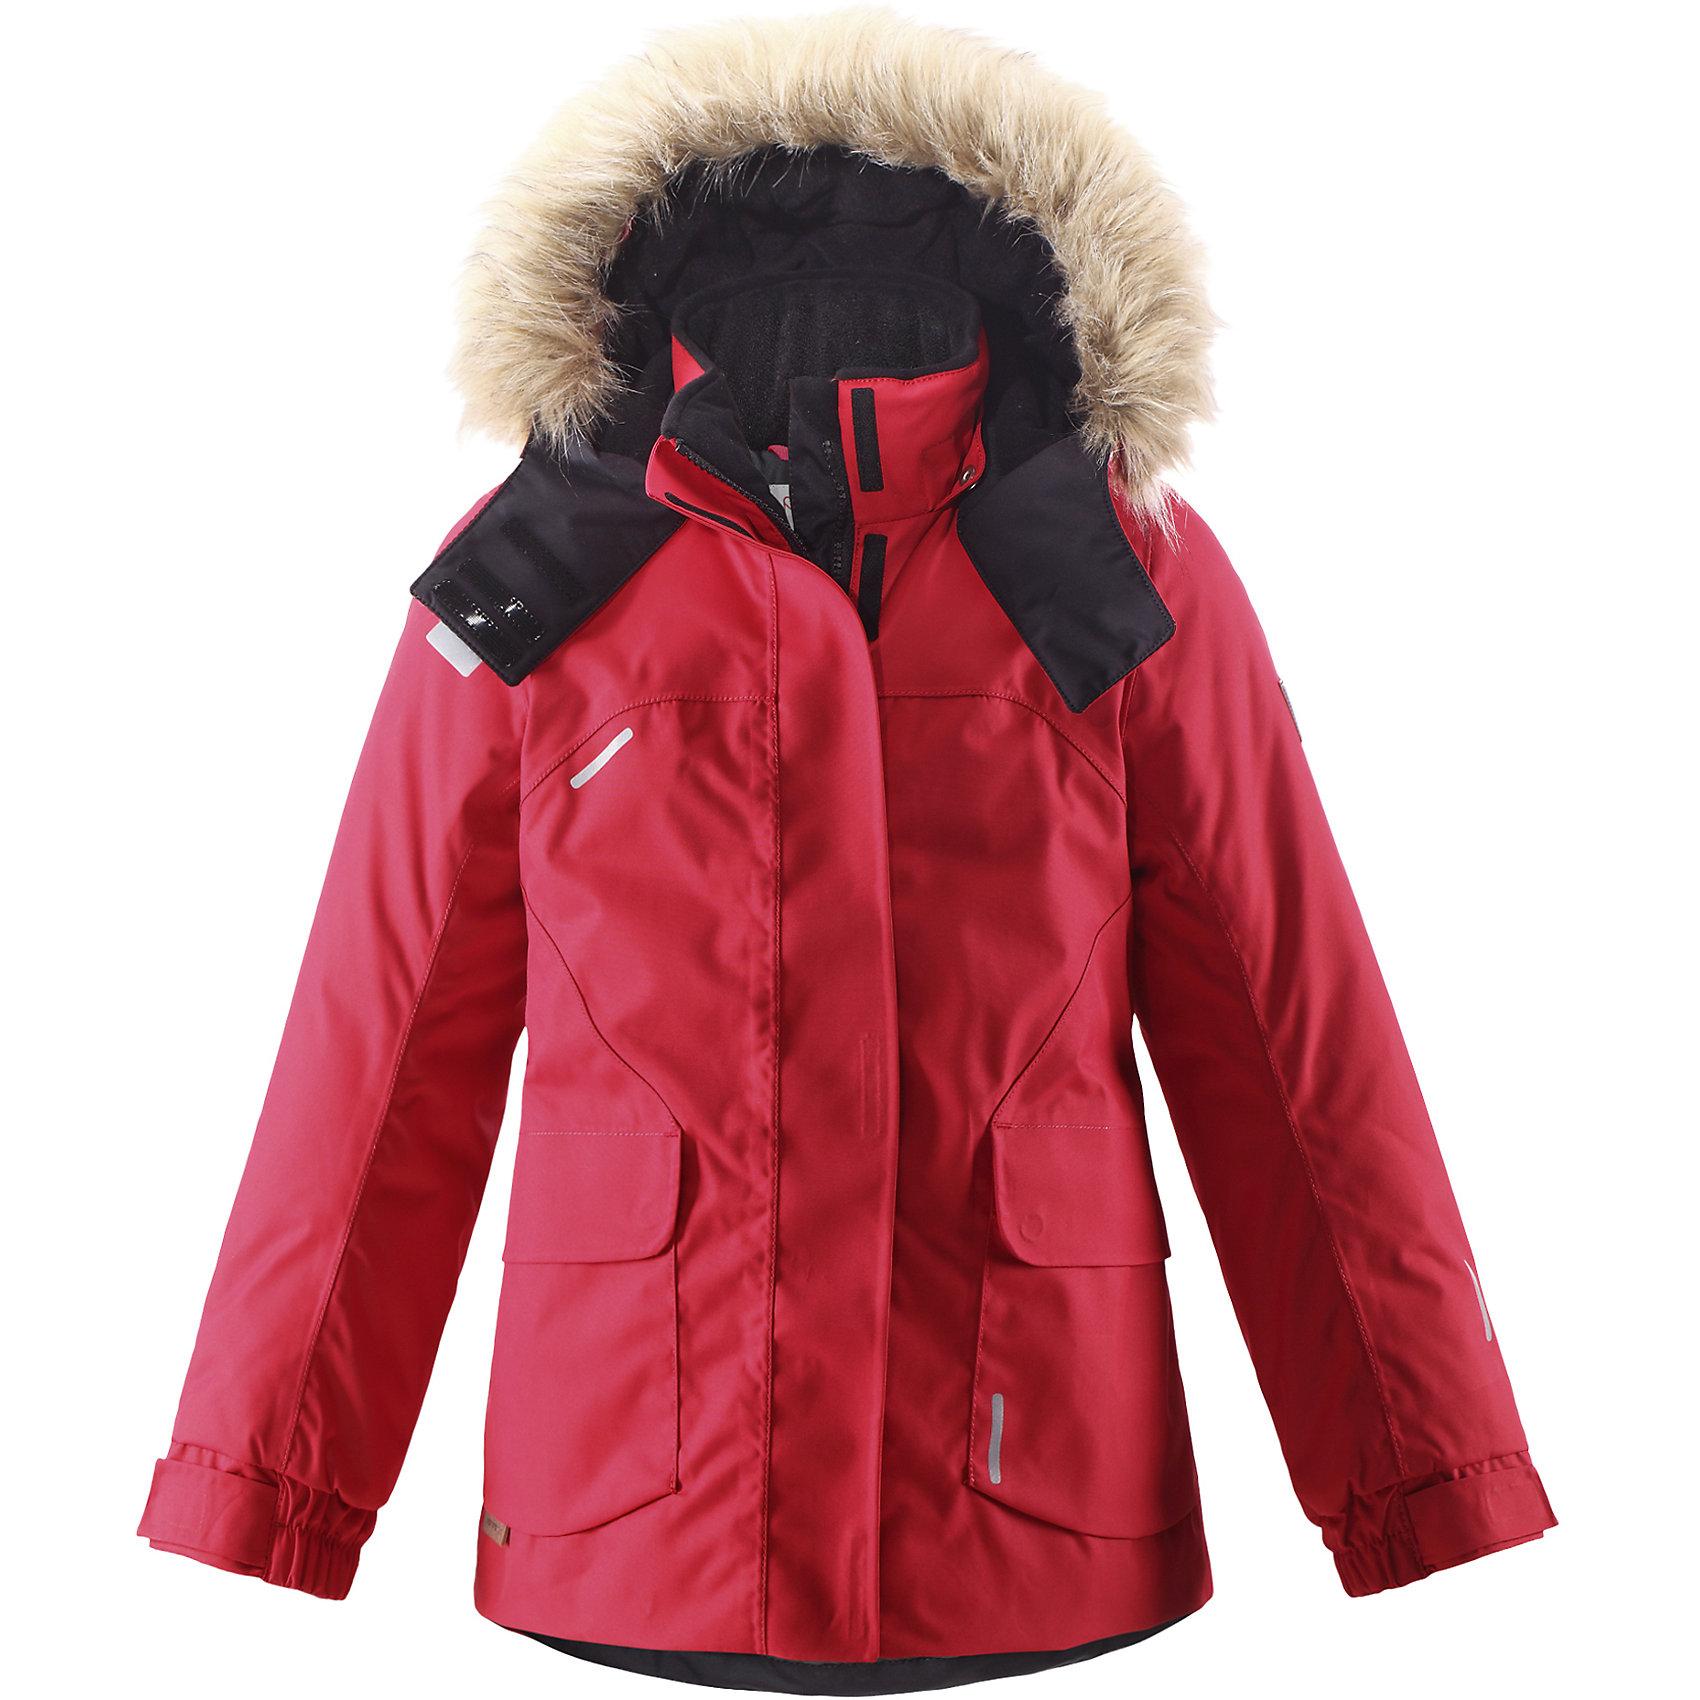 Куртка Sisarus для девочки Reimatec® ReimaКуртка для девочки Reimatec® Reima<br>Зимняя куртка для подростков. Все швы проклеены и водонепроницаемы. Водо- и ветронепроницаемый, «дышащий» и грязеотталкивающий материал. Крой для девочек. Гладкая подкладка из полиэстра. Безопасный съемный капюшон с отсоединяемой меховой каймой из искусственного меха. Регулируемый манжет на липучке.Эластичный пояс сзади. Два кармана с клапанами. .Логотип Reima® на рукаве. Безопасные светоотражающие детали. Петля для дополнительных светоотражающих деталей.<br>Утеплитель: Reima® Comfort+ insulation,160 g<br>Уход:<br>Стирать по отдельности, вывернув наизнанку. Перед стиркой отстегните искусственный мех. Застегнуть молнии и липучки. Стирать моющим средством, не содержащим отбеливающие вещества. Полоскать без специального средства. Во избежание изменения цвета изделие необходимо вынуть из стиральной машинки незамедлительно после окончания программы стирки. Можно сушить в сушильном шкафу или центрифуге (макс. 40° C).<br>Состав:<br>100% Полиамид, полиуретановое покрытие<br><br>Ширина мм: 356<br>Глубина мм: 10<br>Высота мм: 245<br>Вес г: 519<br>Цвет: красный<br>Возраст от месяцев: 120<br>Возраст до месяцев: 132<br>Пол: Женский<br>Возраст: Детский<br>Размер: 122,104,128,110,116,140,164,152,158,134,146<br>SKU: 4778411